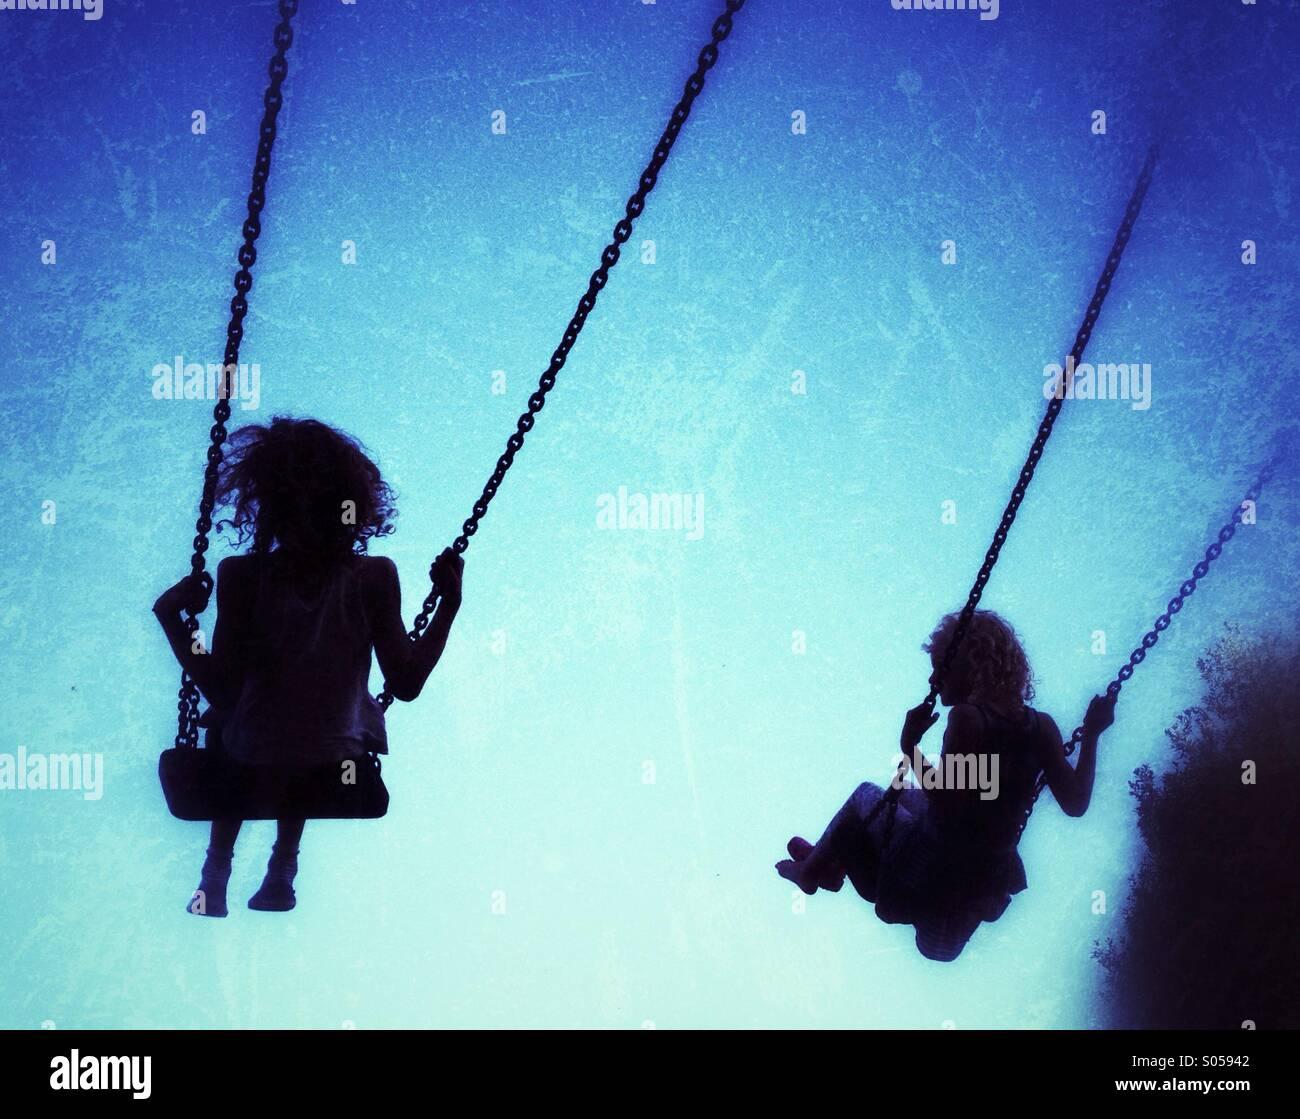 Deux filles sur balançoires silhouetted against blue sky Photo Stock